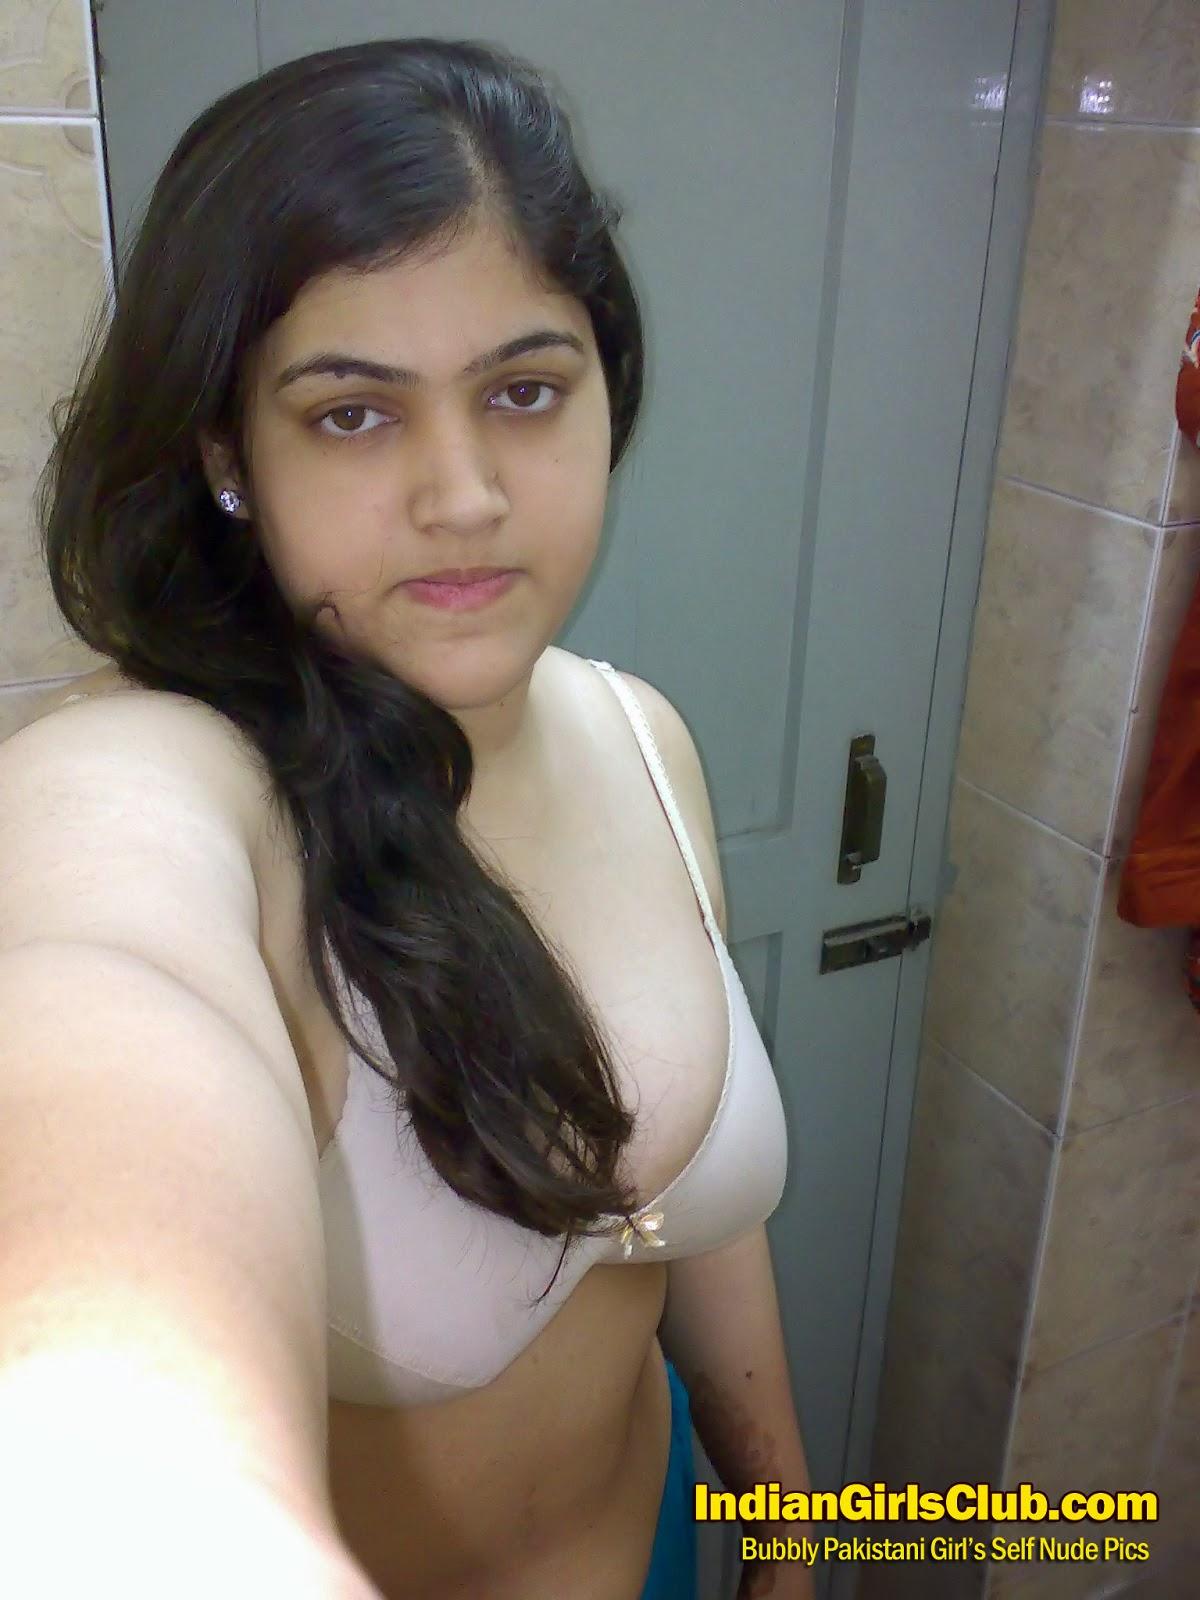 Pakistani sex pic girls